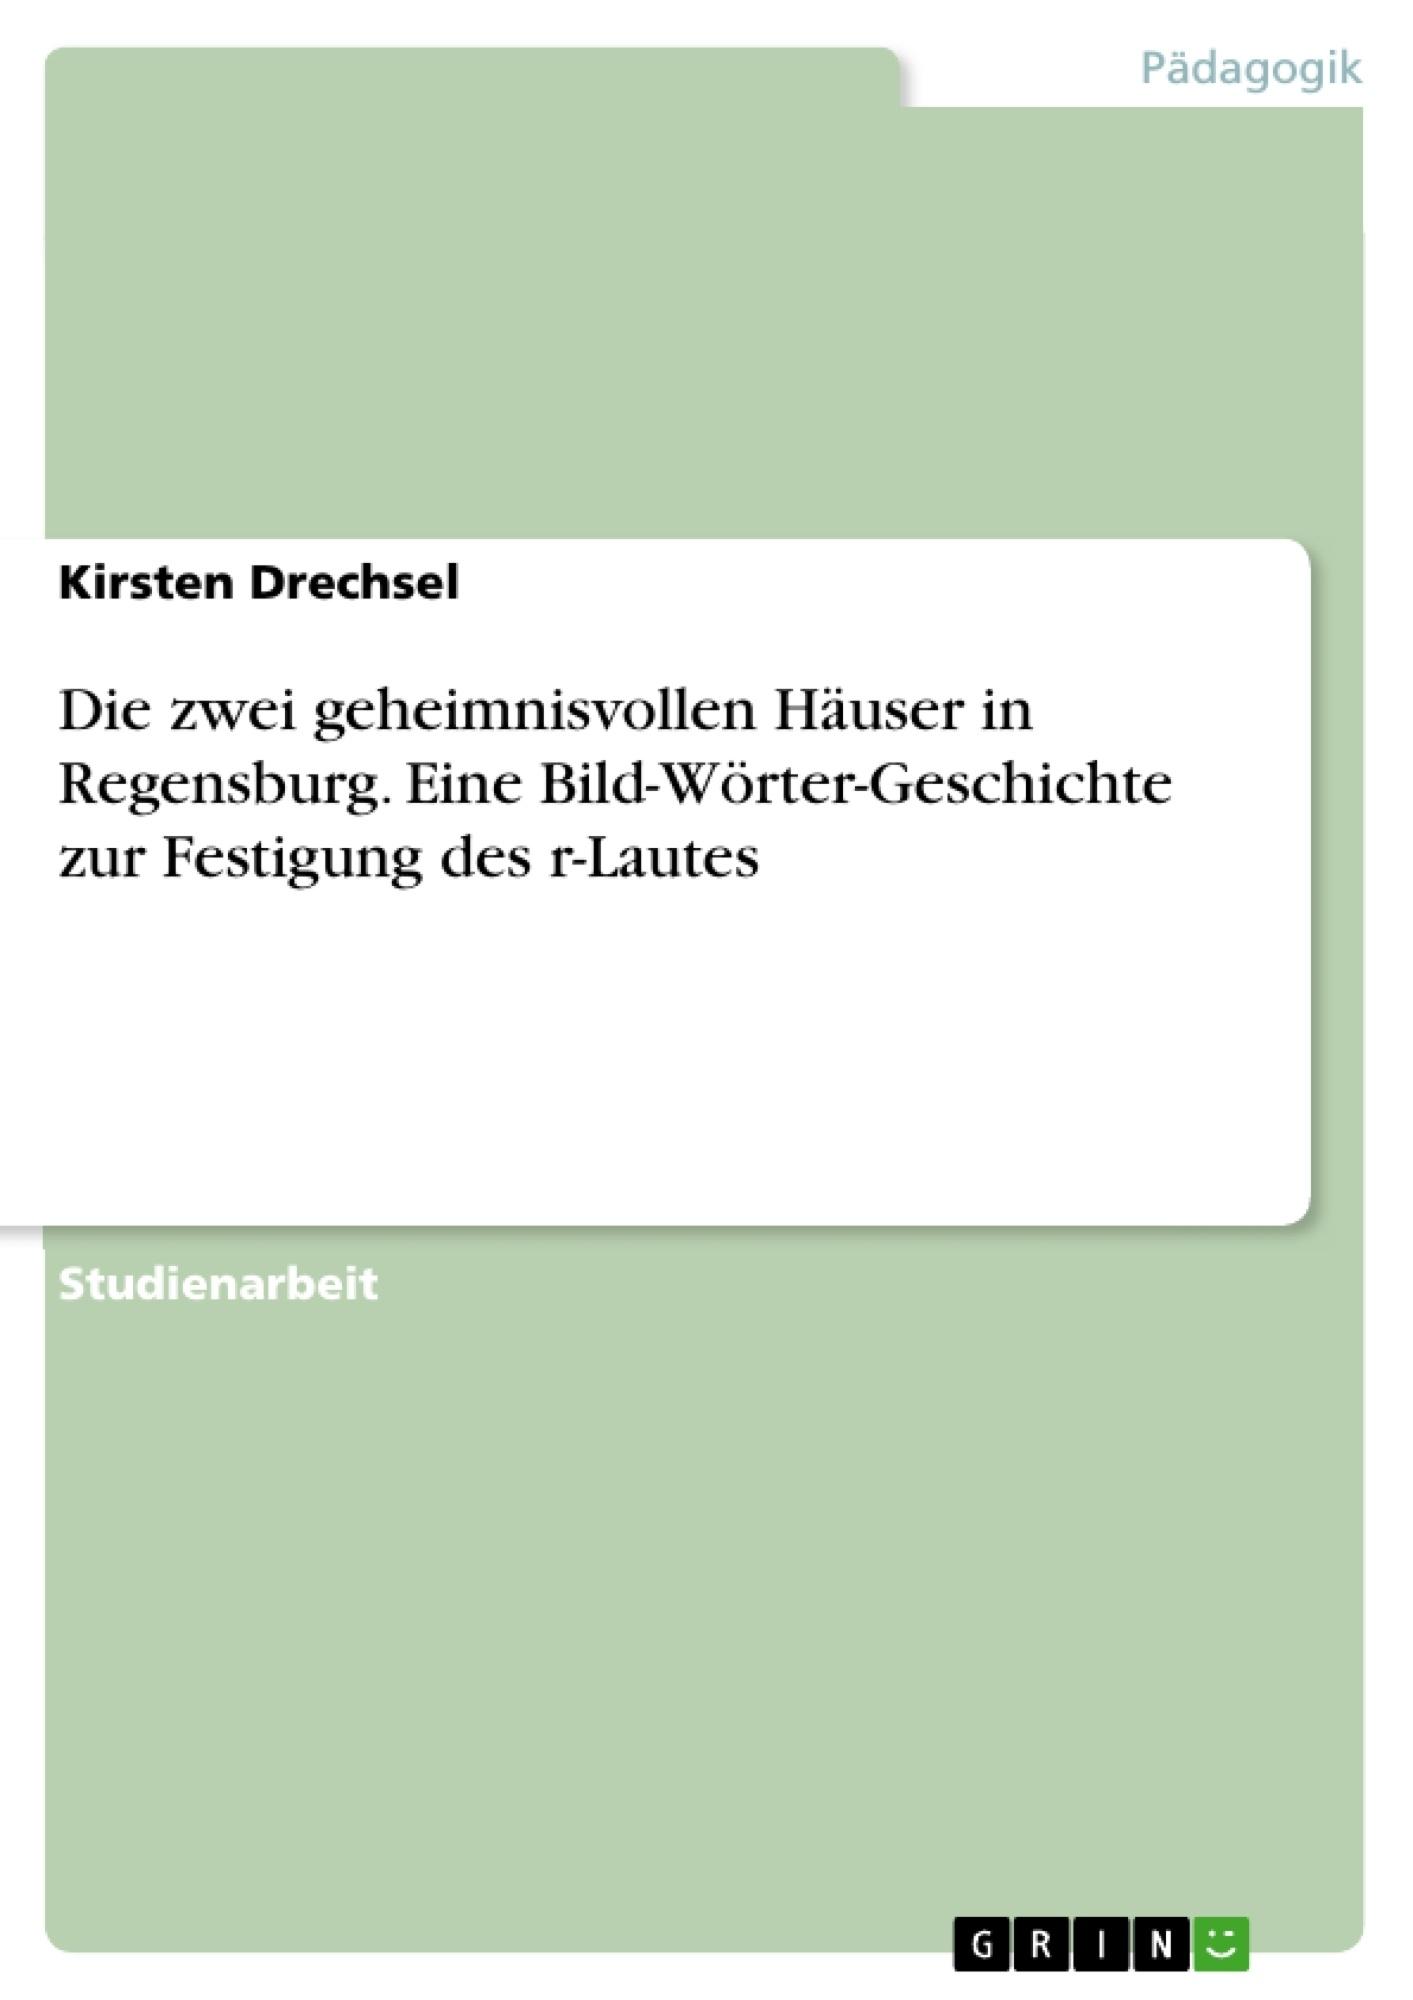 Titel: Die zwei geheimnisvollen Häuser in Regensburg. Eine Bild-Wörter-Geschichte zur Festigung des r-Lautes